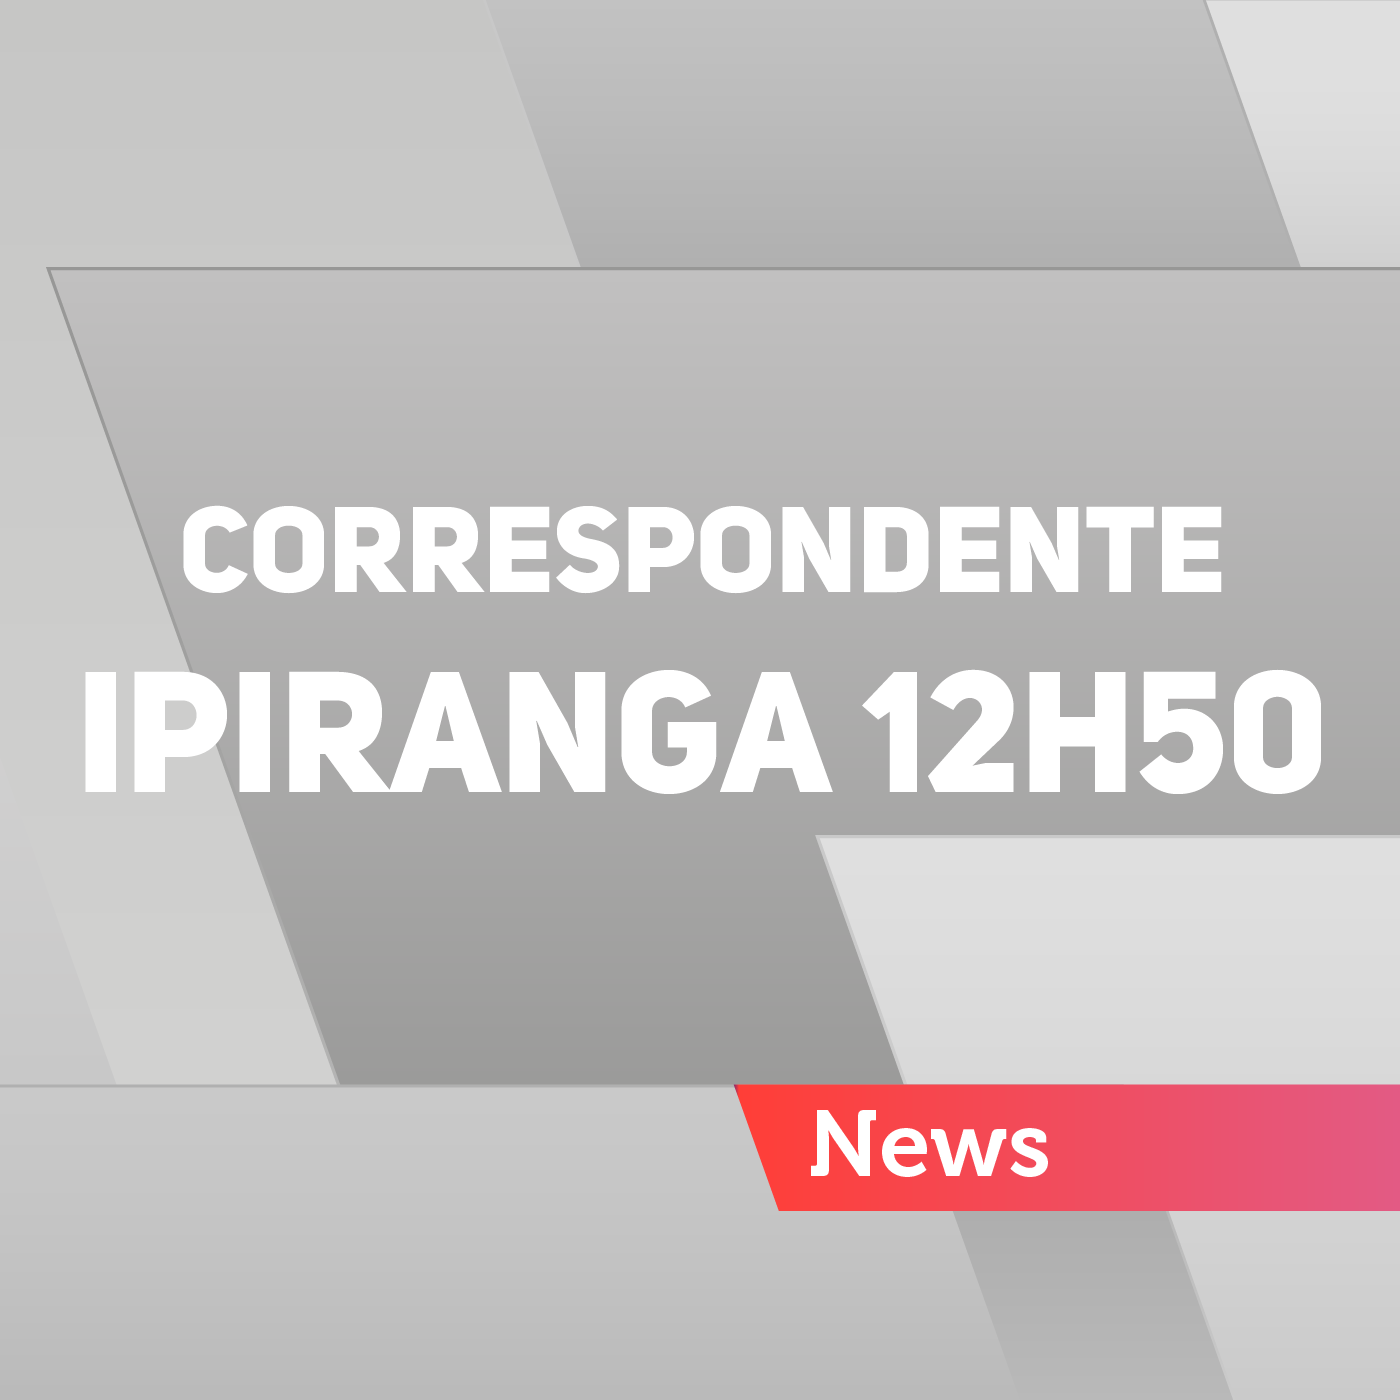 Correspondente Ipiranga 12h50 - 20/02/2017